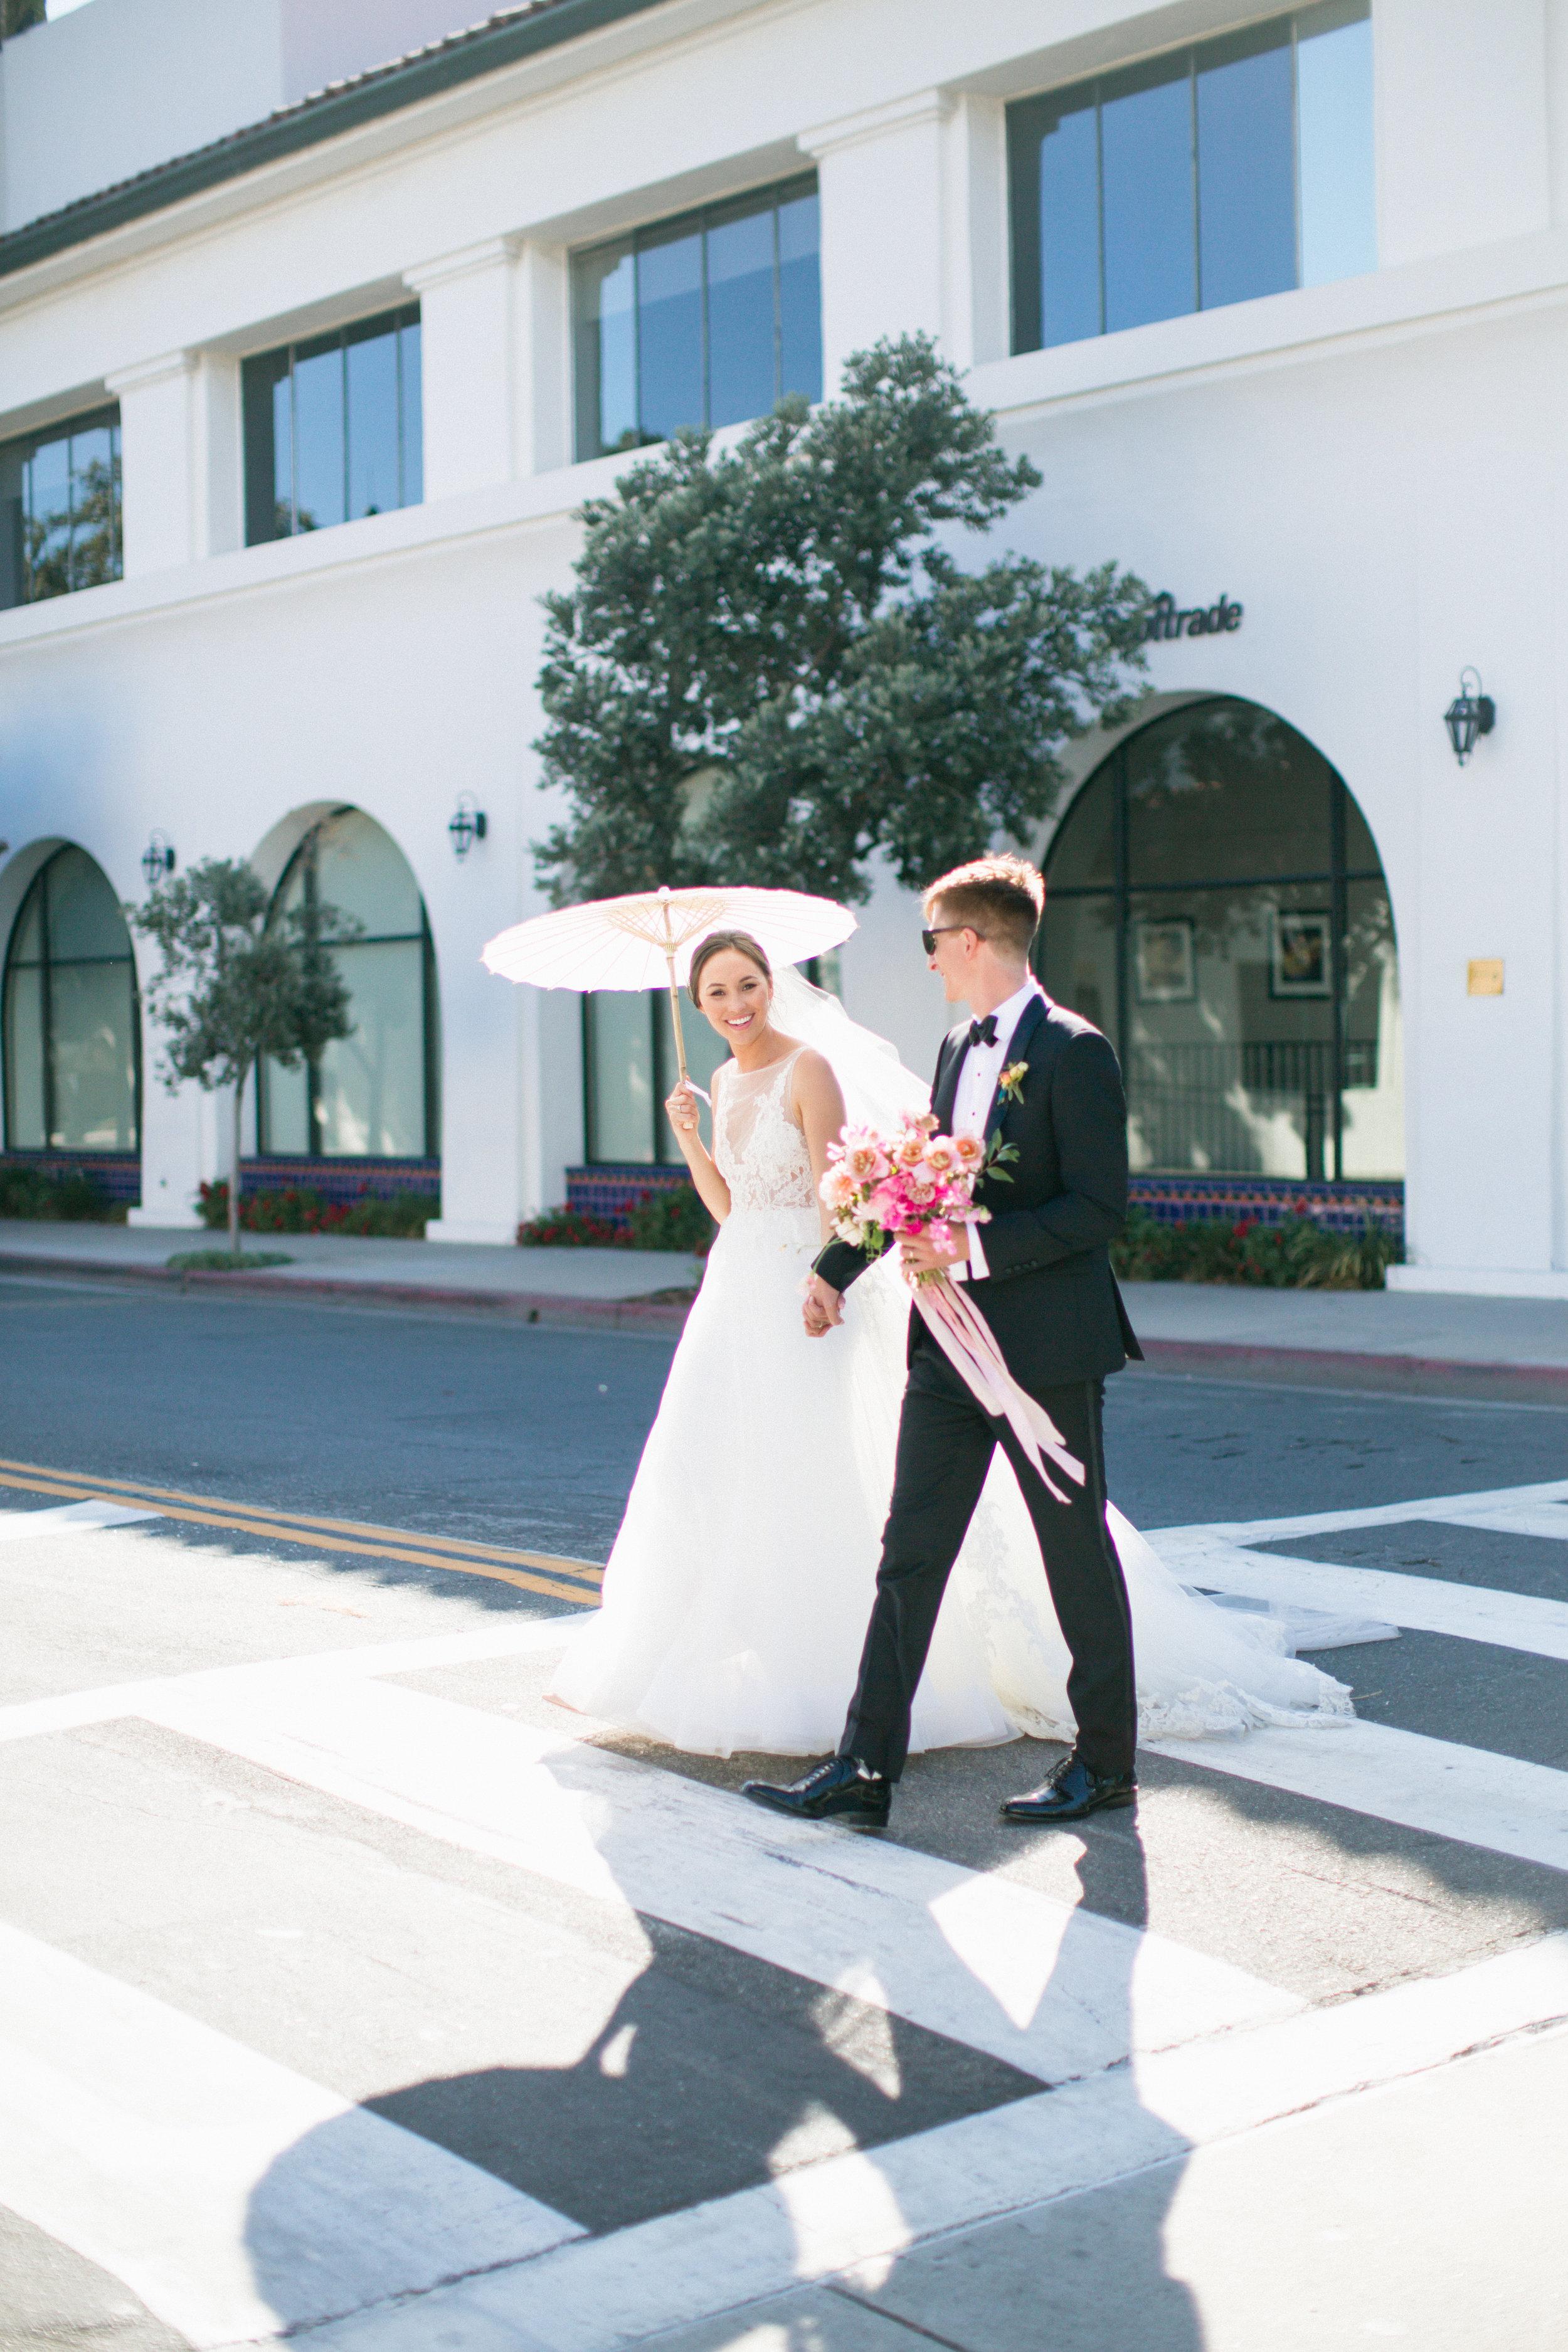 melanie_dylan_wedding_287.JPG